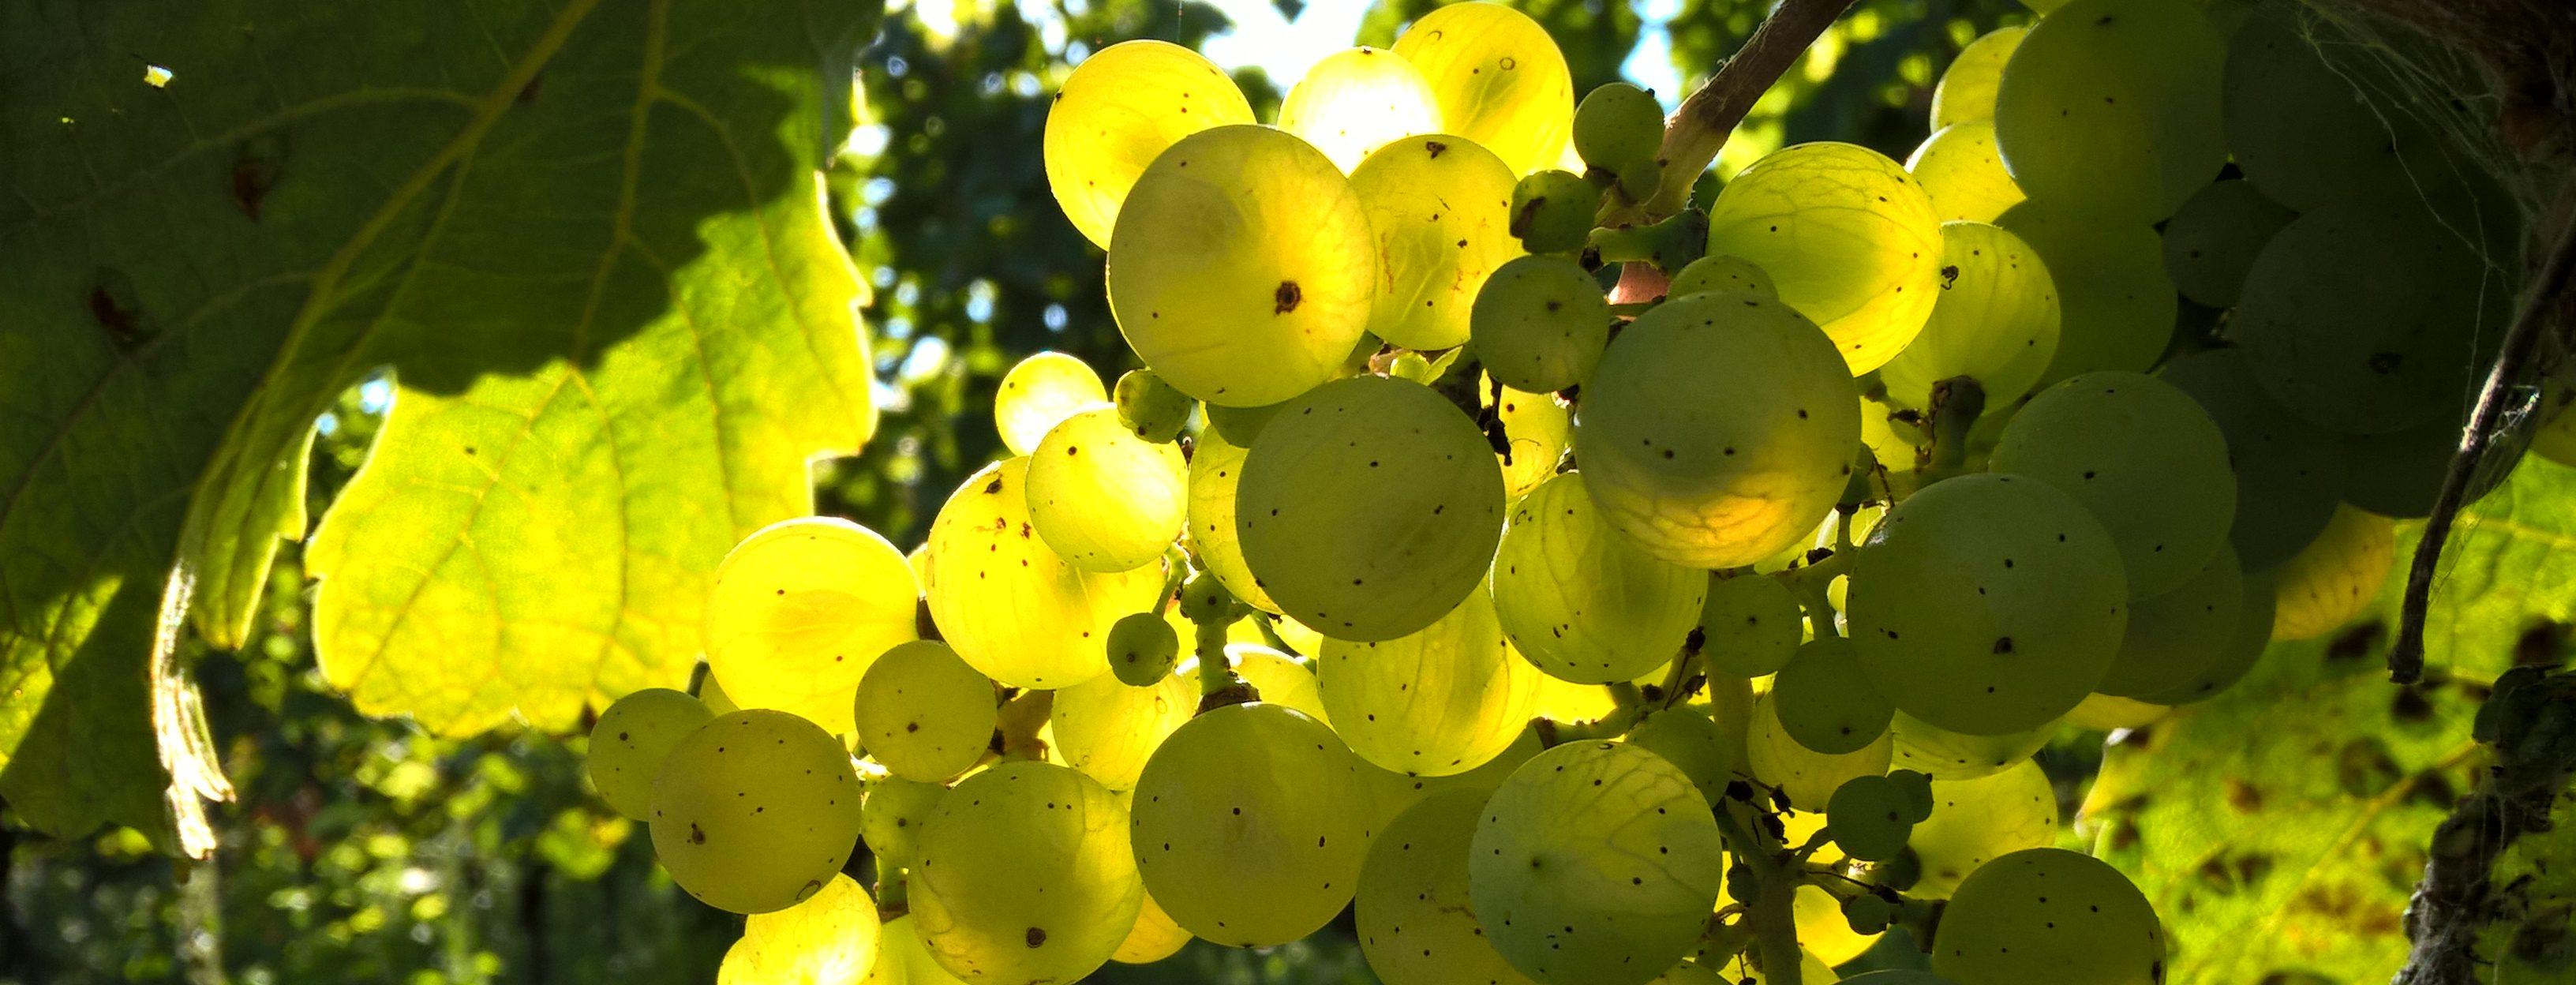 Weintraube am Stock - Gegenlichtaufnahme